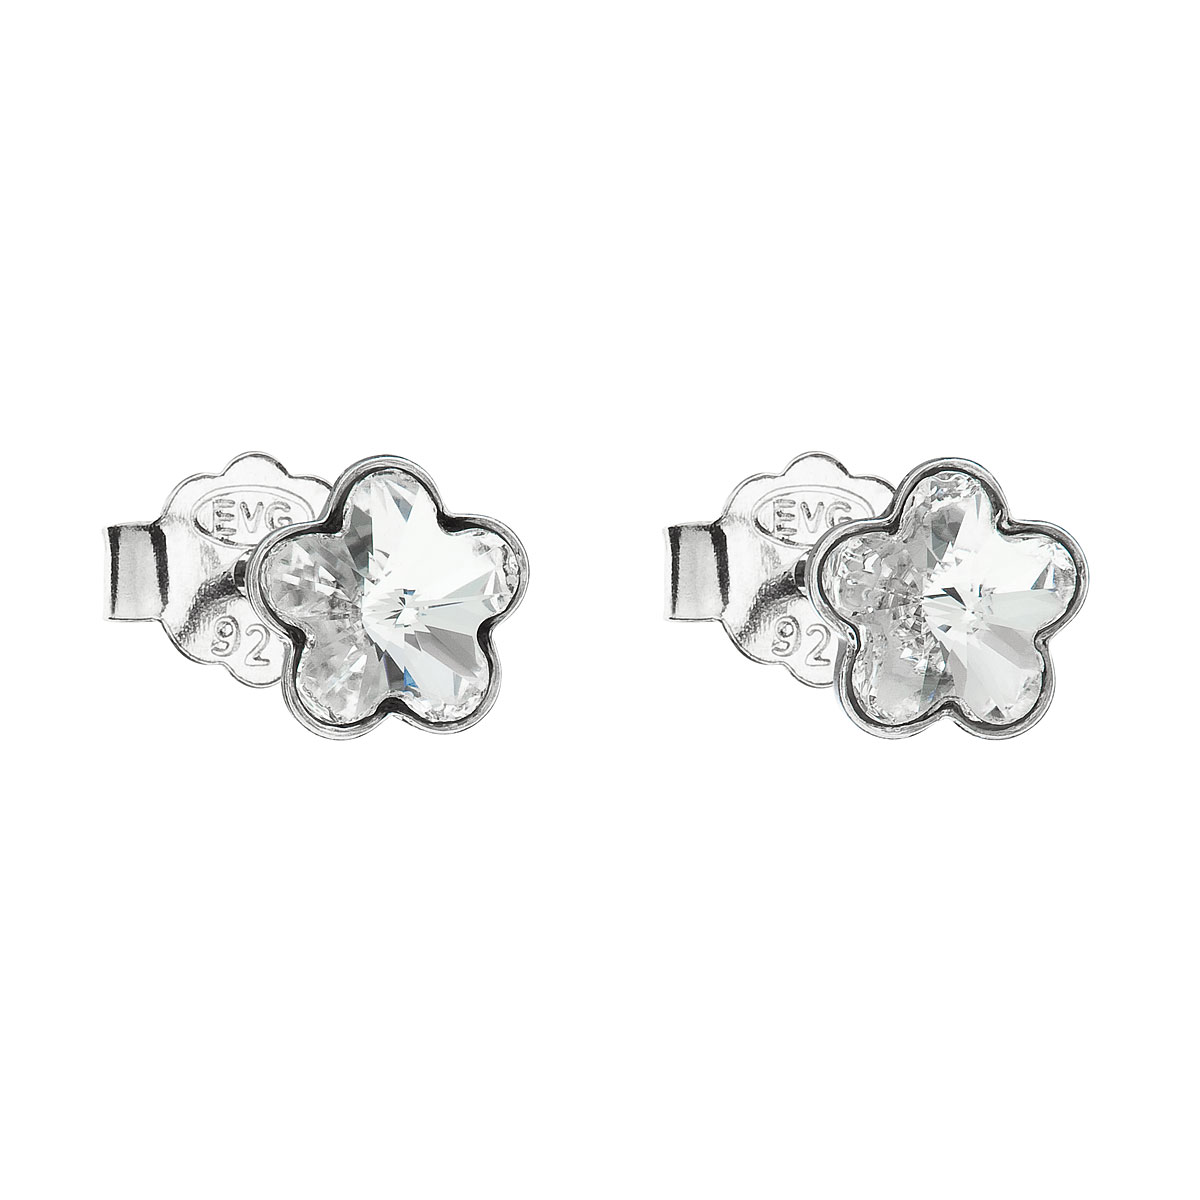 Stříbrné náušnice pecka s krystaly Swarovski bílá kytička 31080.1